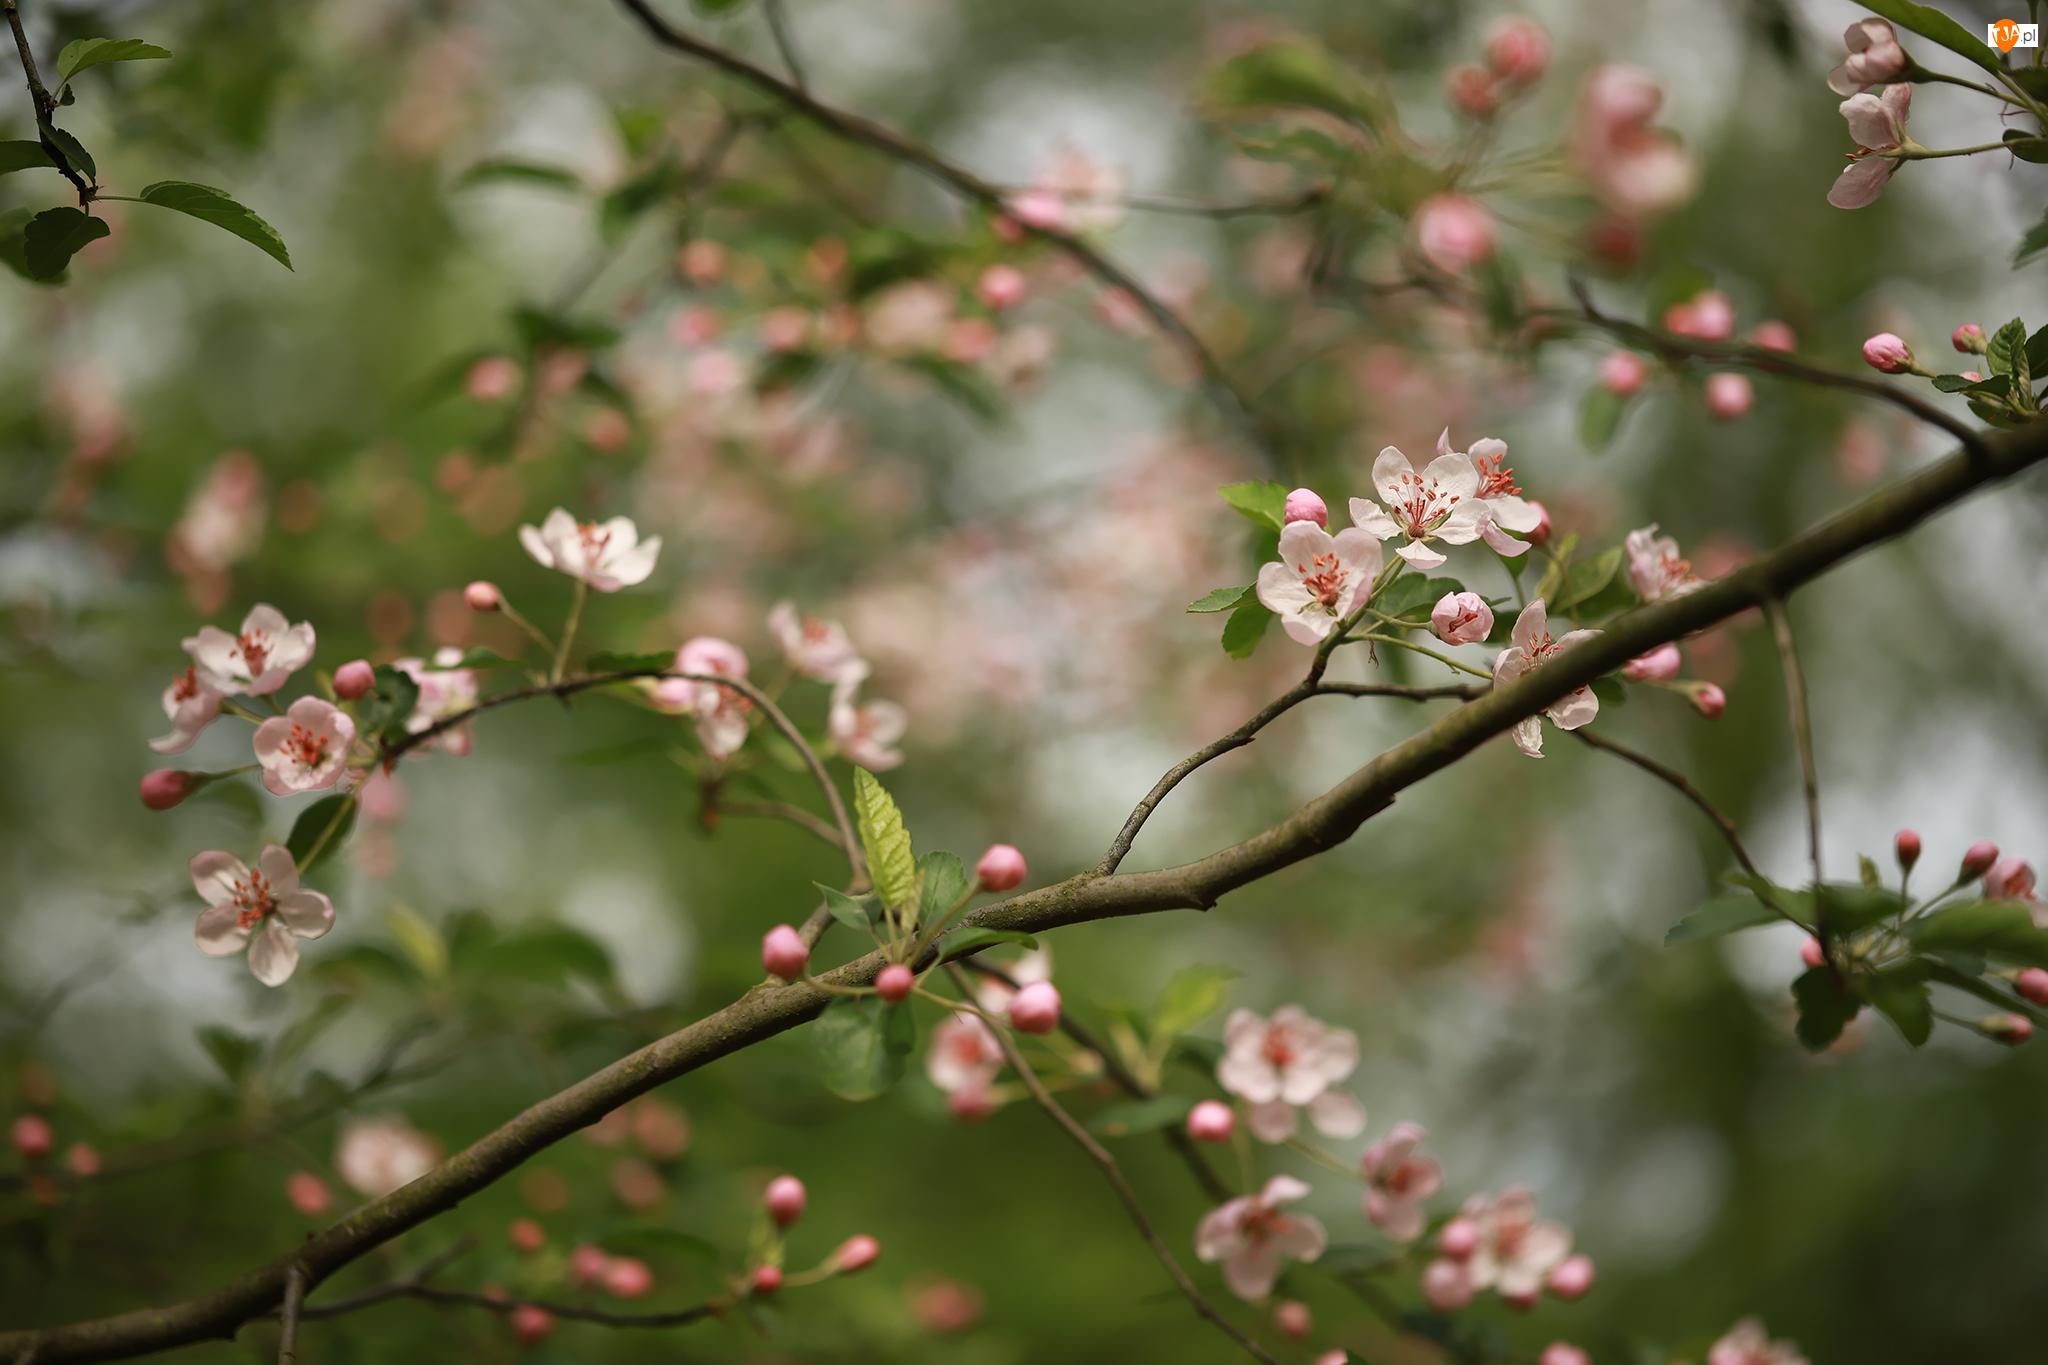 Kwiaty, Drzewo owocowe, Gałązki, Różowe